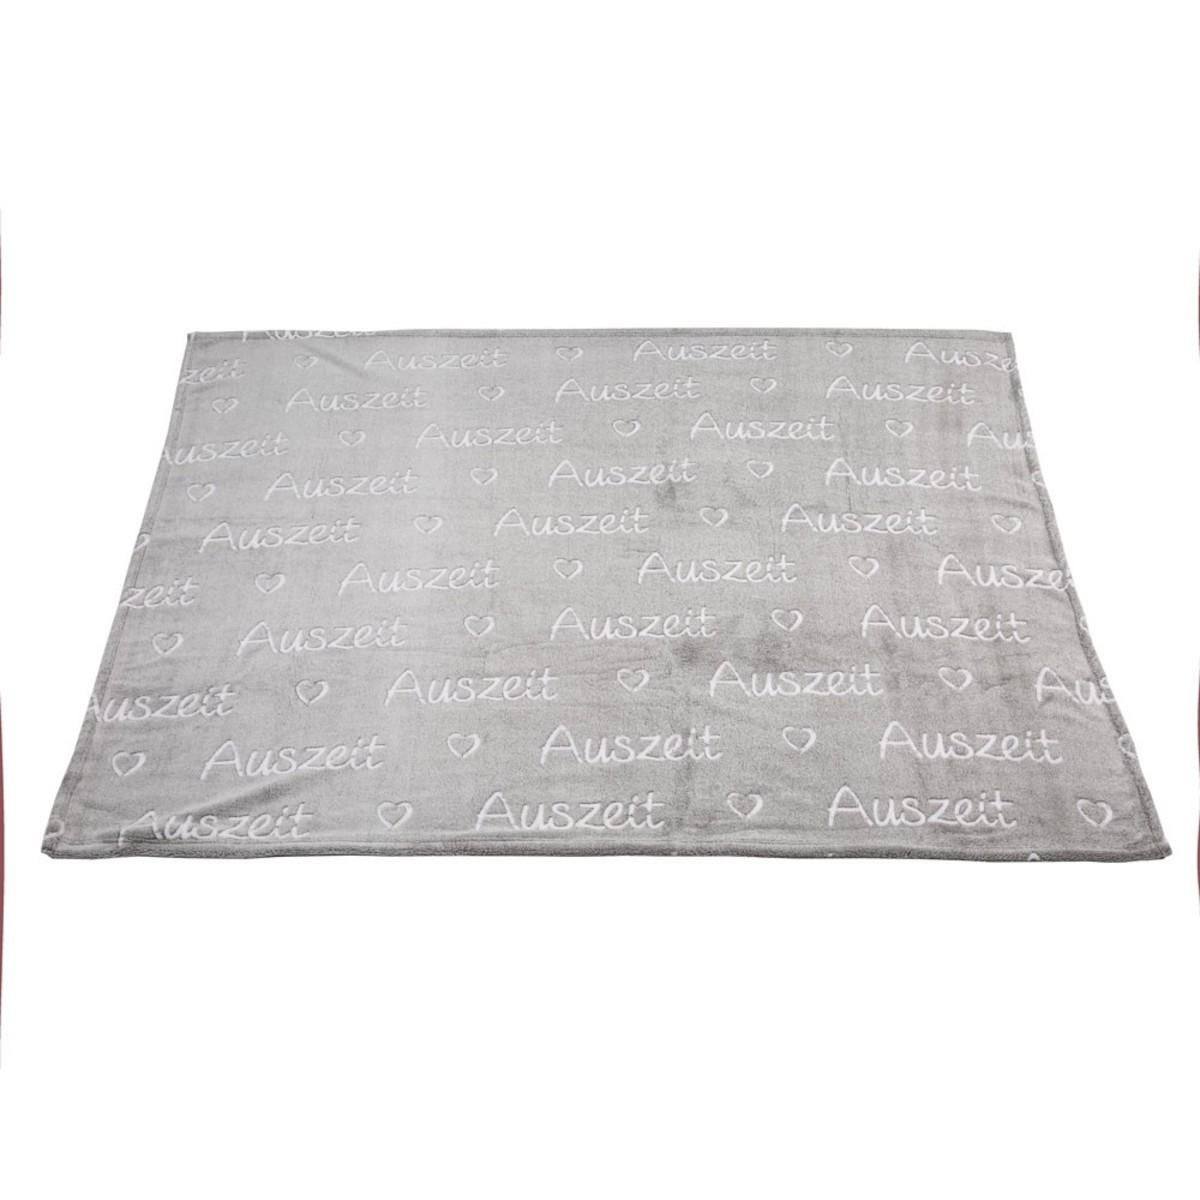 Bild 1 von Kuscheldecke, Auszeit, 160 x 130 cm, grau